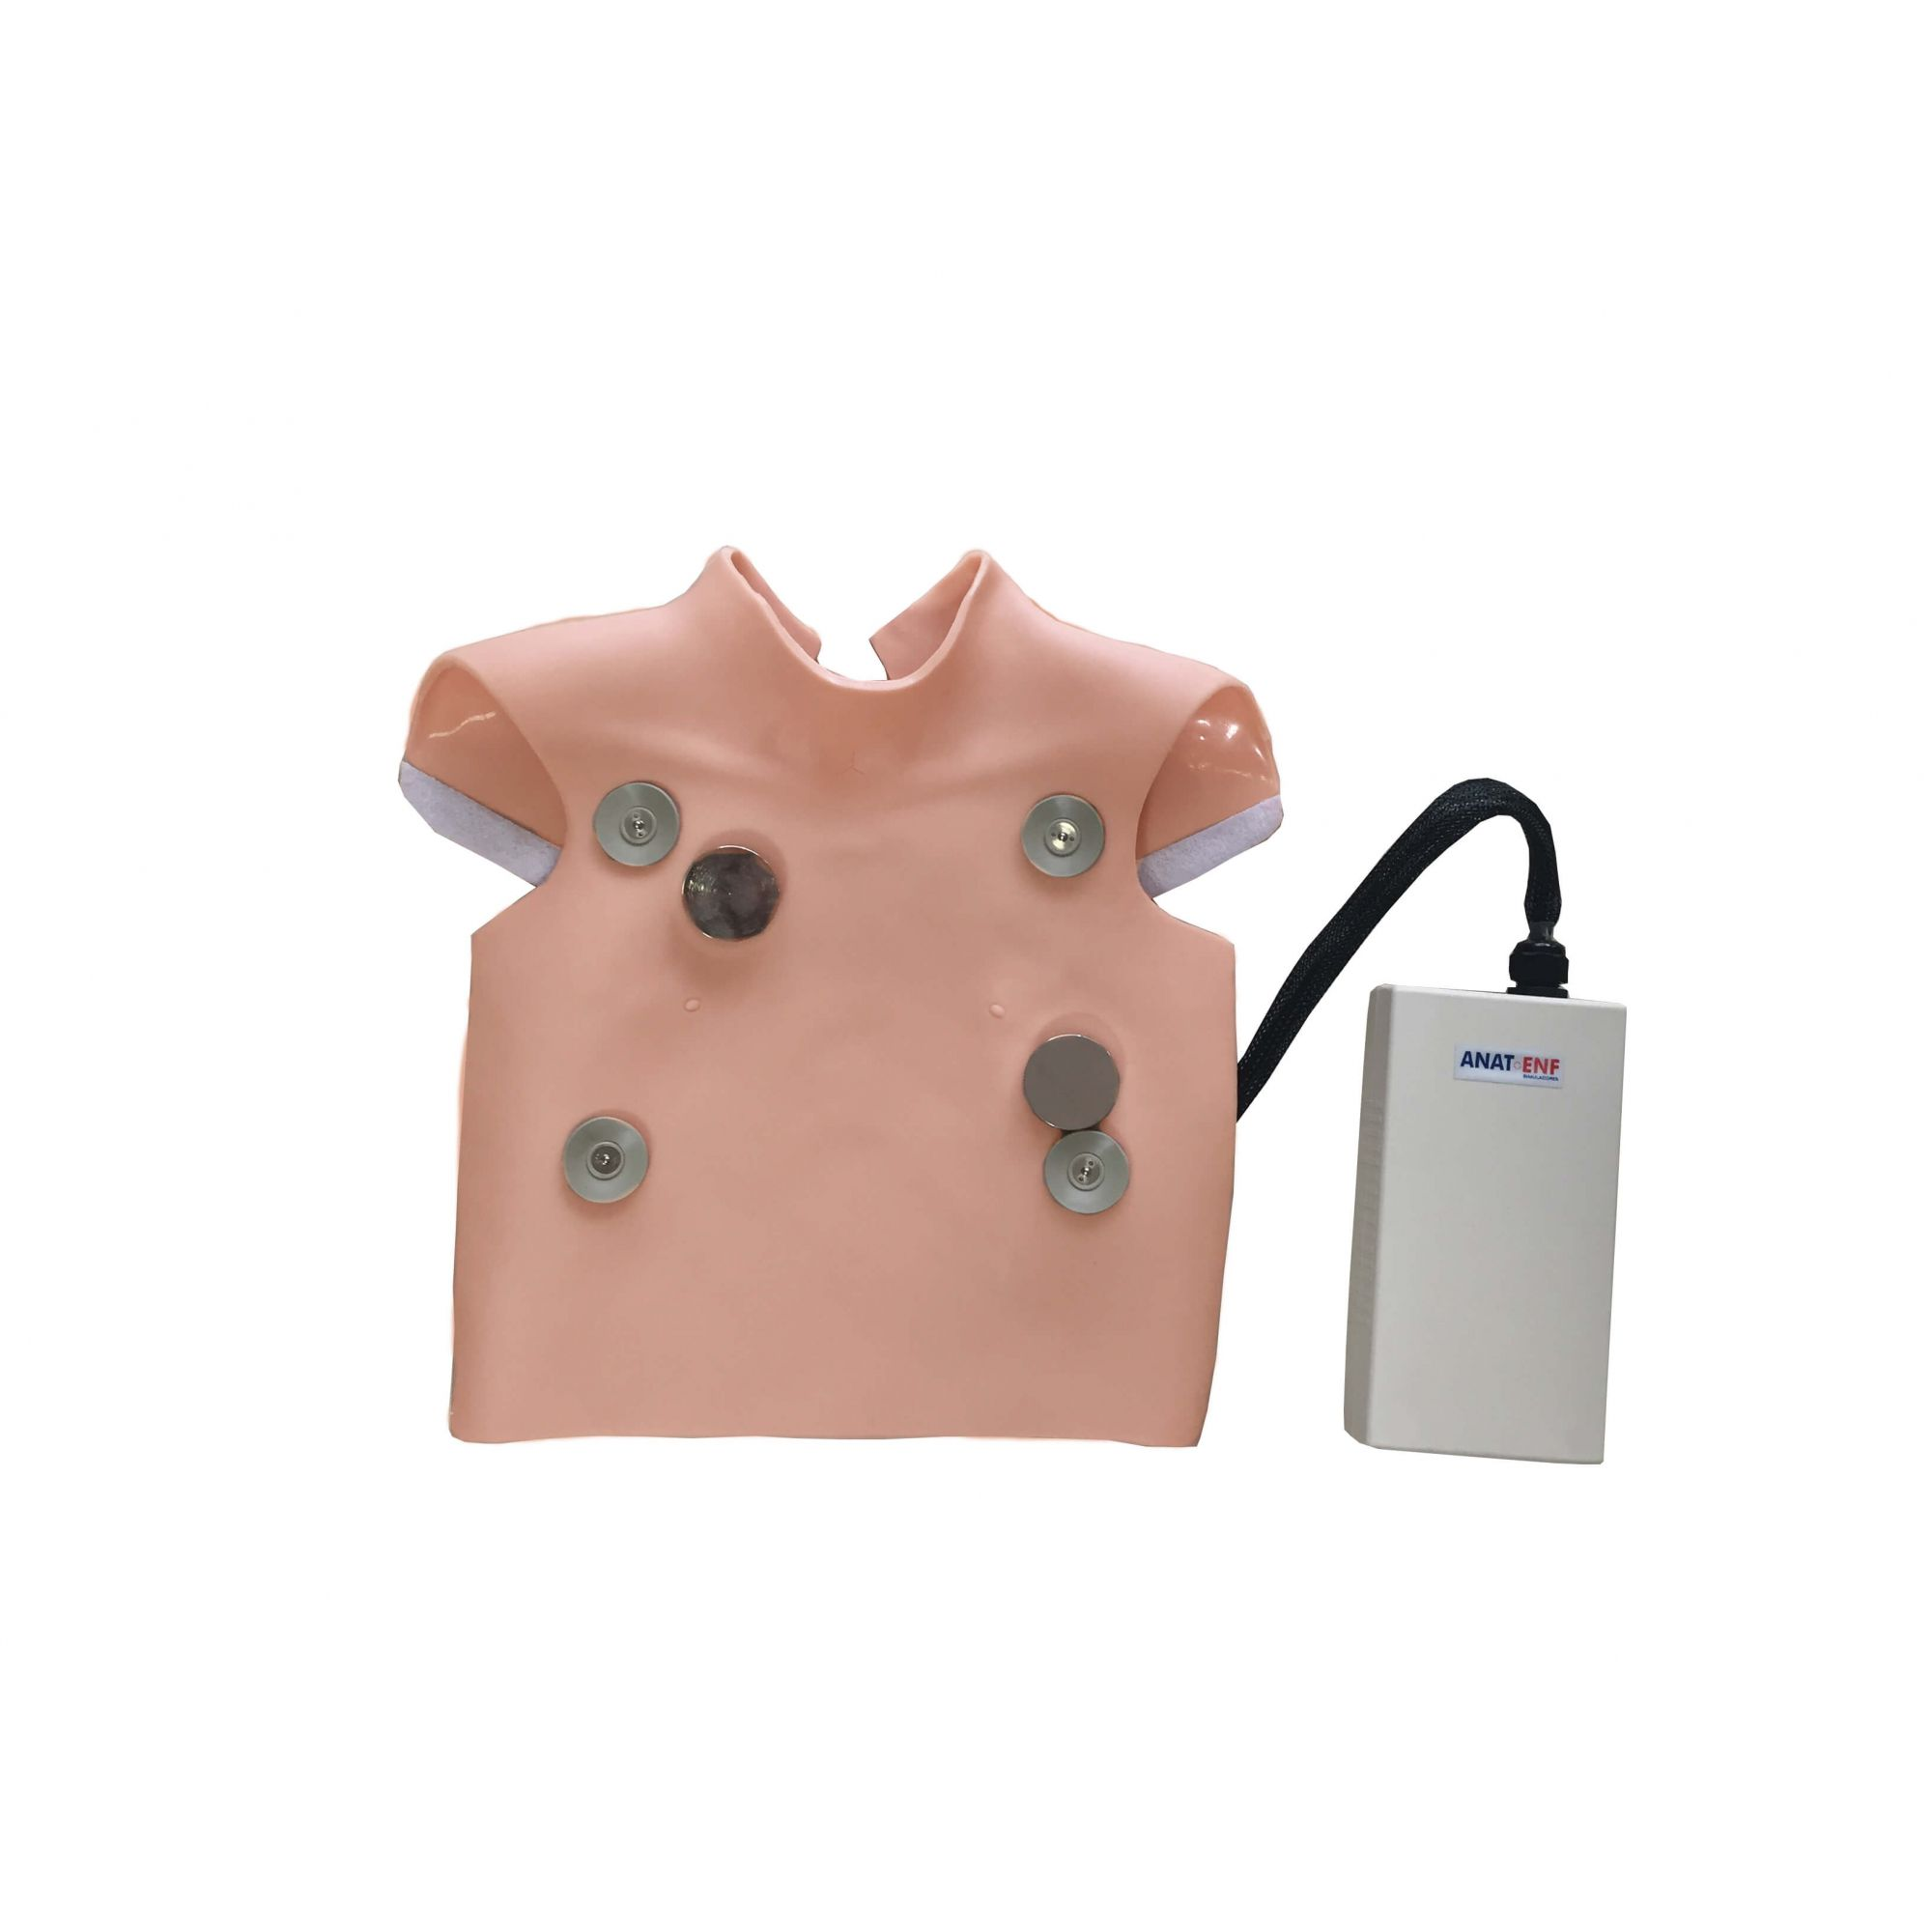 Simulador Infantil para Treino de Suporte Avançado Acls